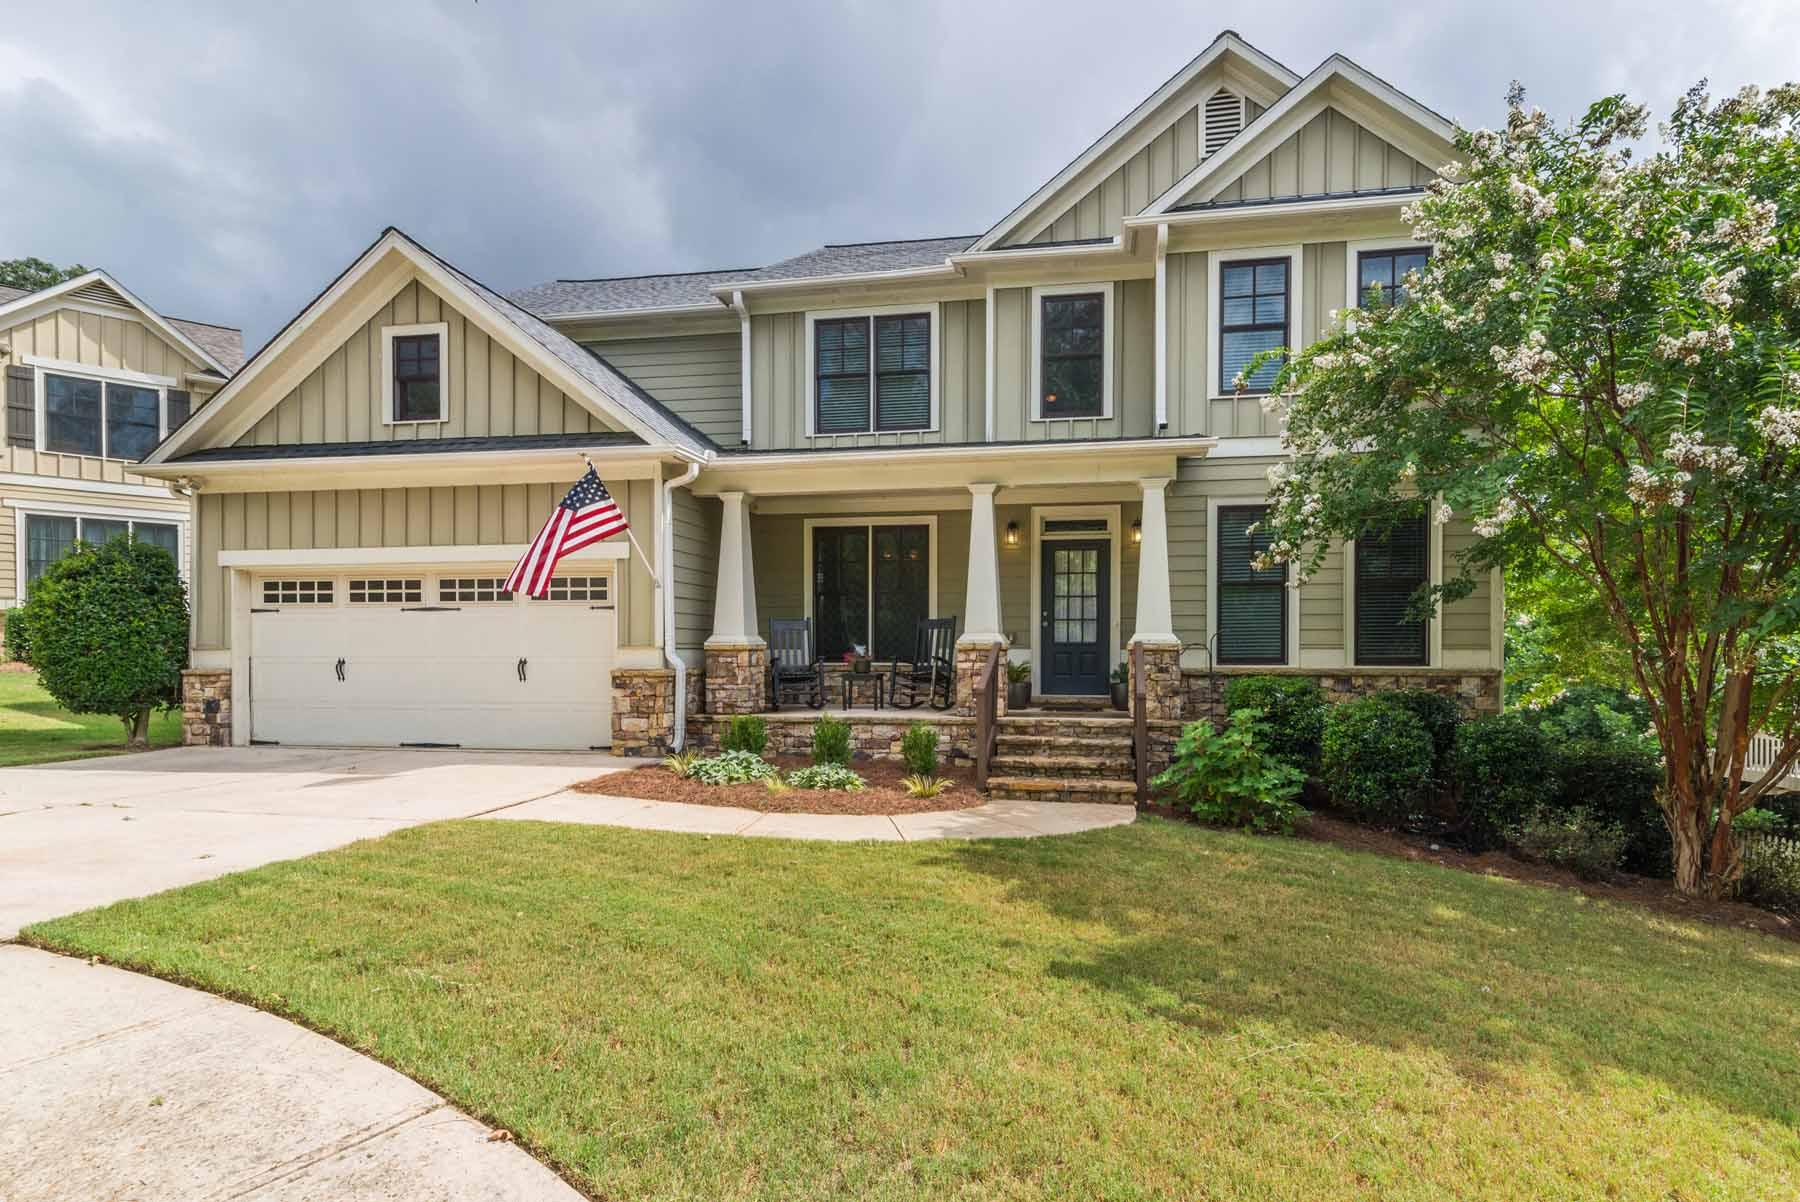 Tek Ailelik Ev için Satış at Beautiful Craftsman Styled Home Near Suwanee Town Center 128 Park Pointe Way Suwanee, Georgia, 30024 Amerika Birleşik Devletleri